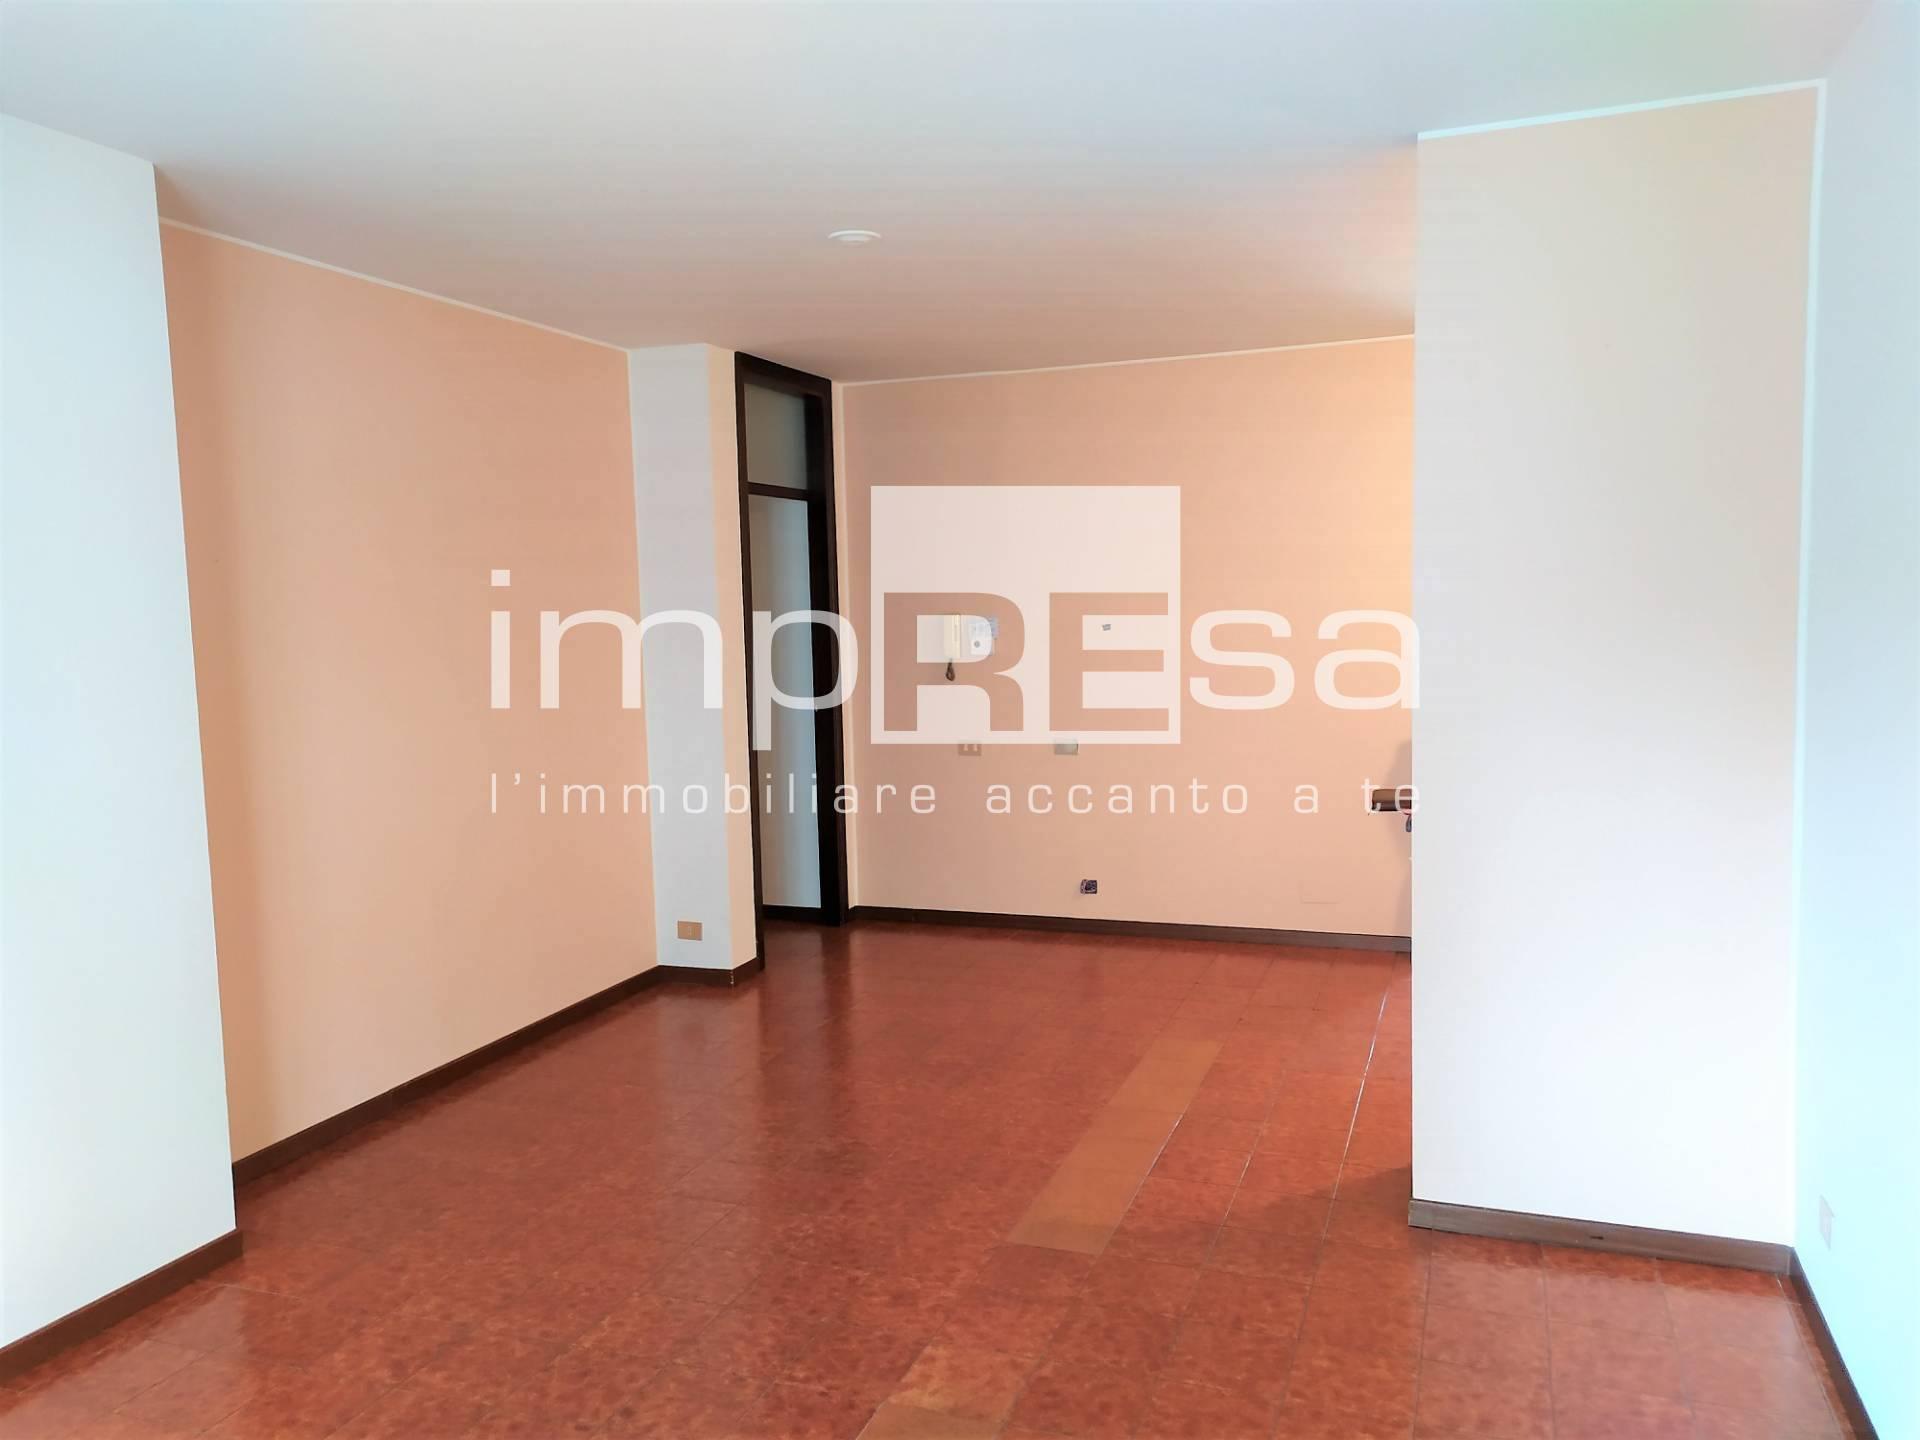 Appartamento in vendita a Conegliano, 5 locali, prezzo € 155.000   CambioCasa.it